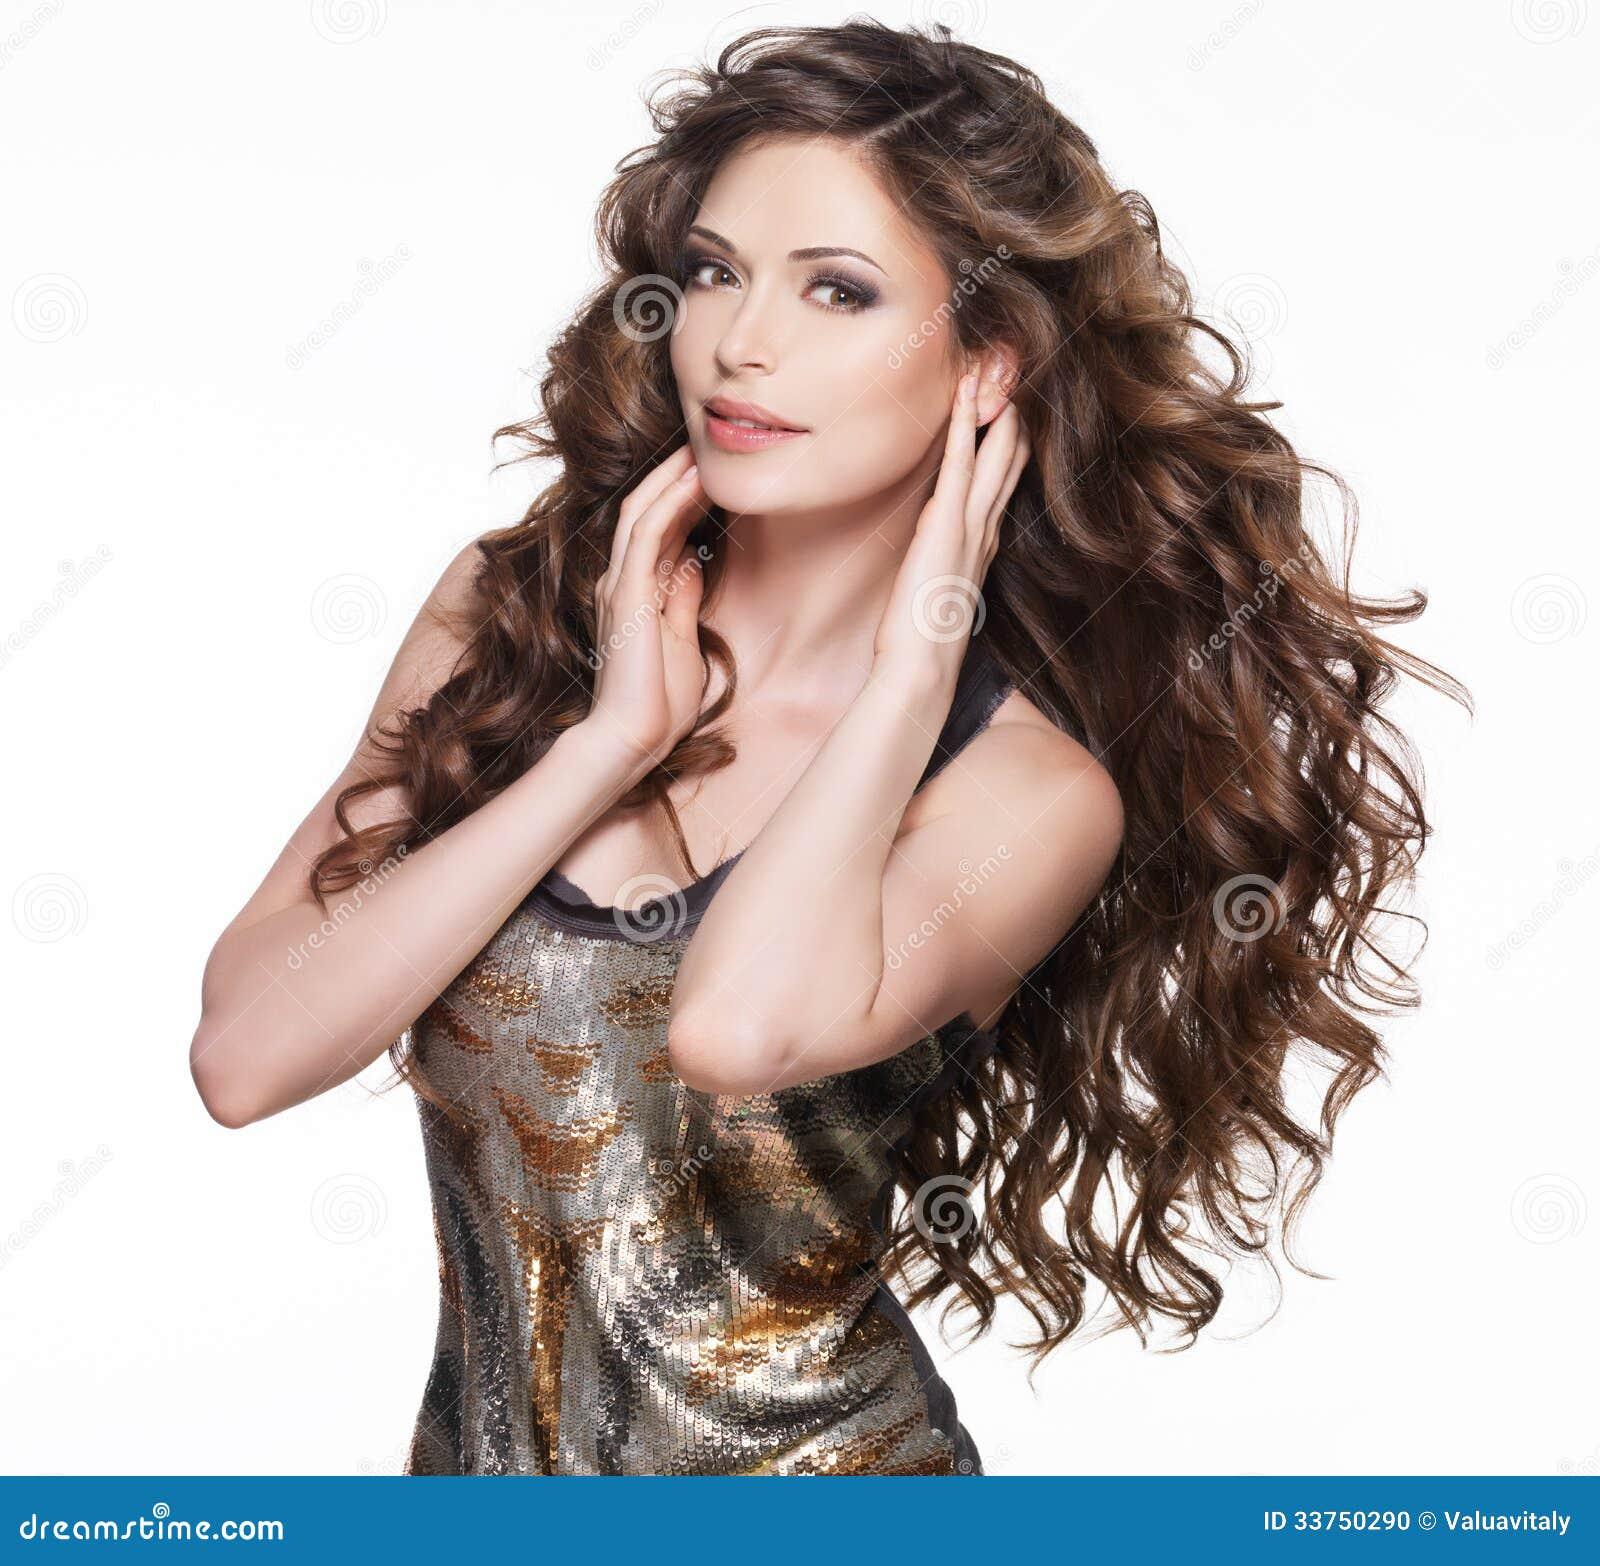 mooie-volwassen-vrouw-met-lang-bruin-krullend-haar-33750290.jpg